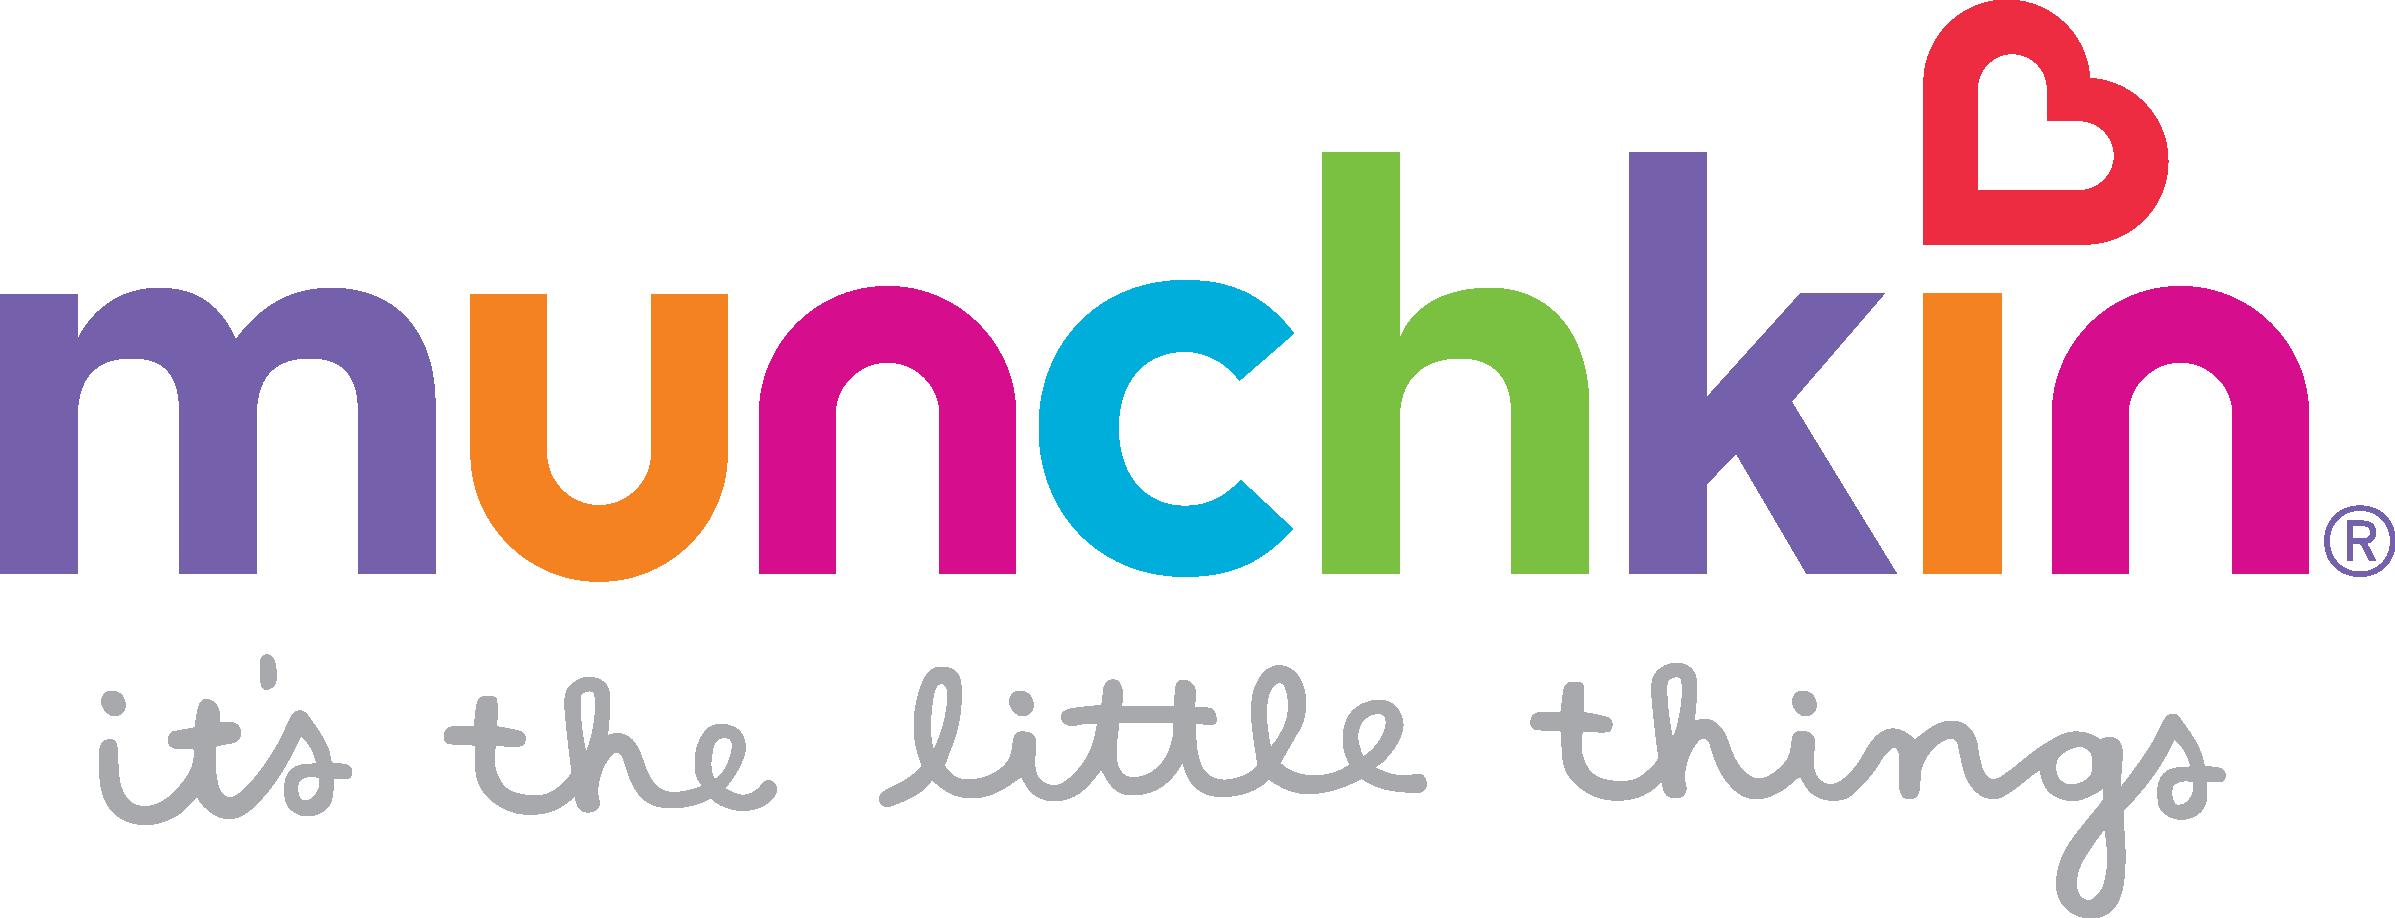 FOR DIGITAL USE ONLY_Munchkin ITLT Script Logo_R1V1.png